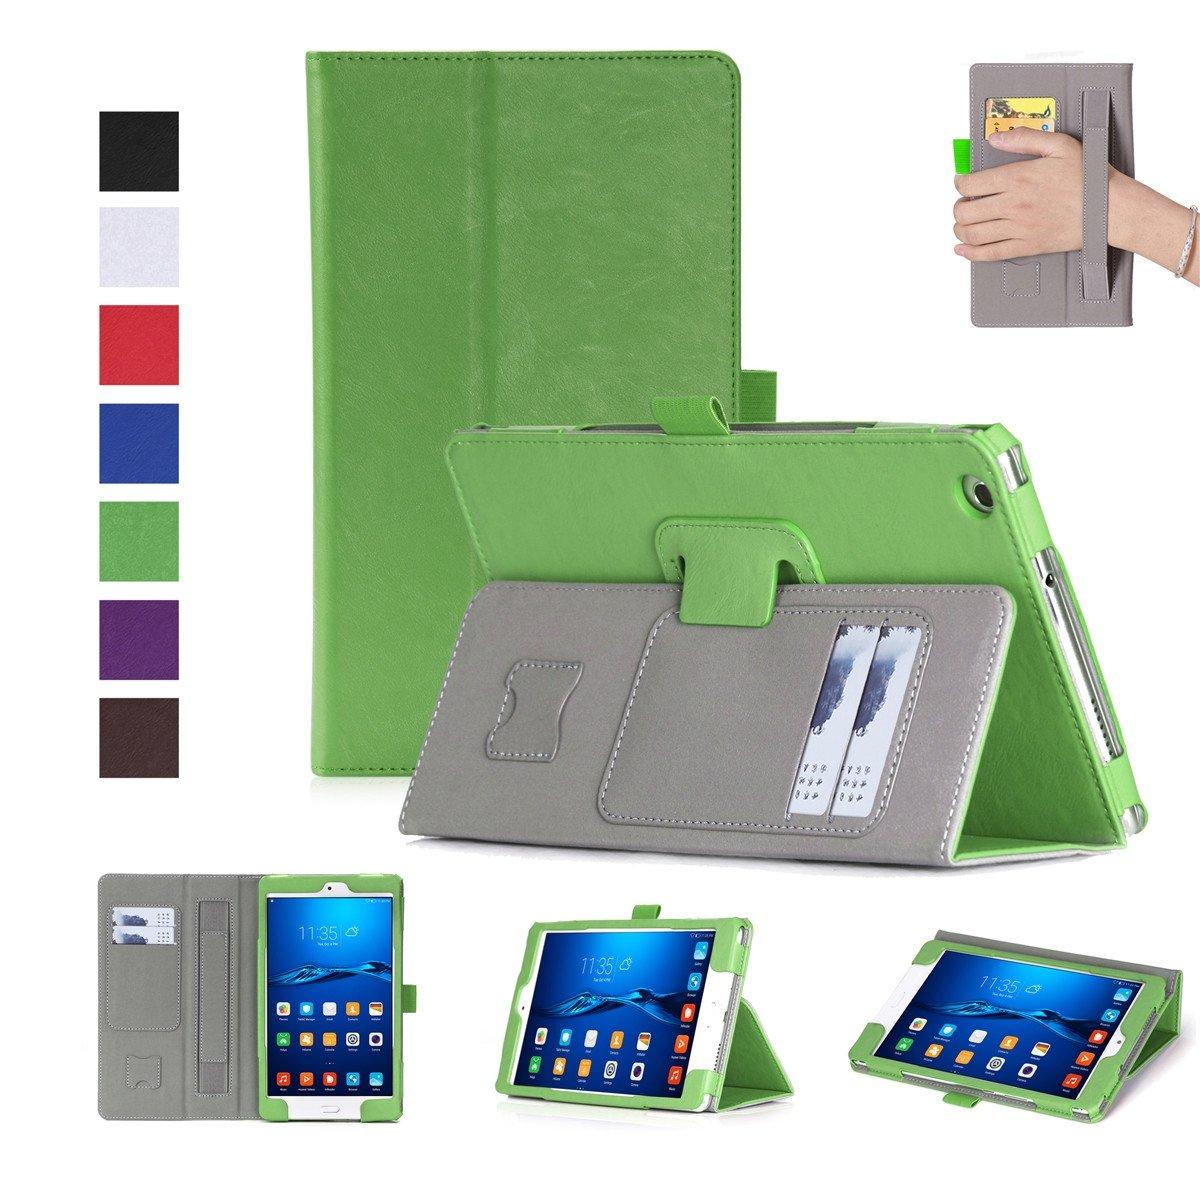 FugouSell Huawei MediaPad M3 Lite 8.0ケース プレミアムPUレザー[フリップスタンド] スリム財布ケース フルボディ保護カバー Huawei MediaPad M3 Lite 8.0用 (グリーン)   B07LCHD2DK